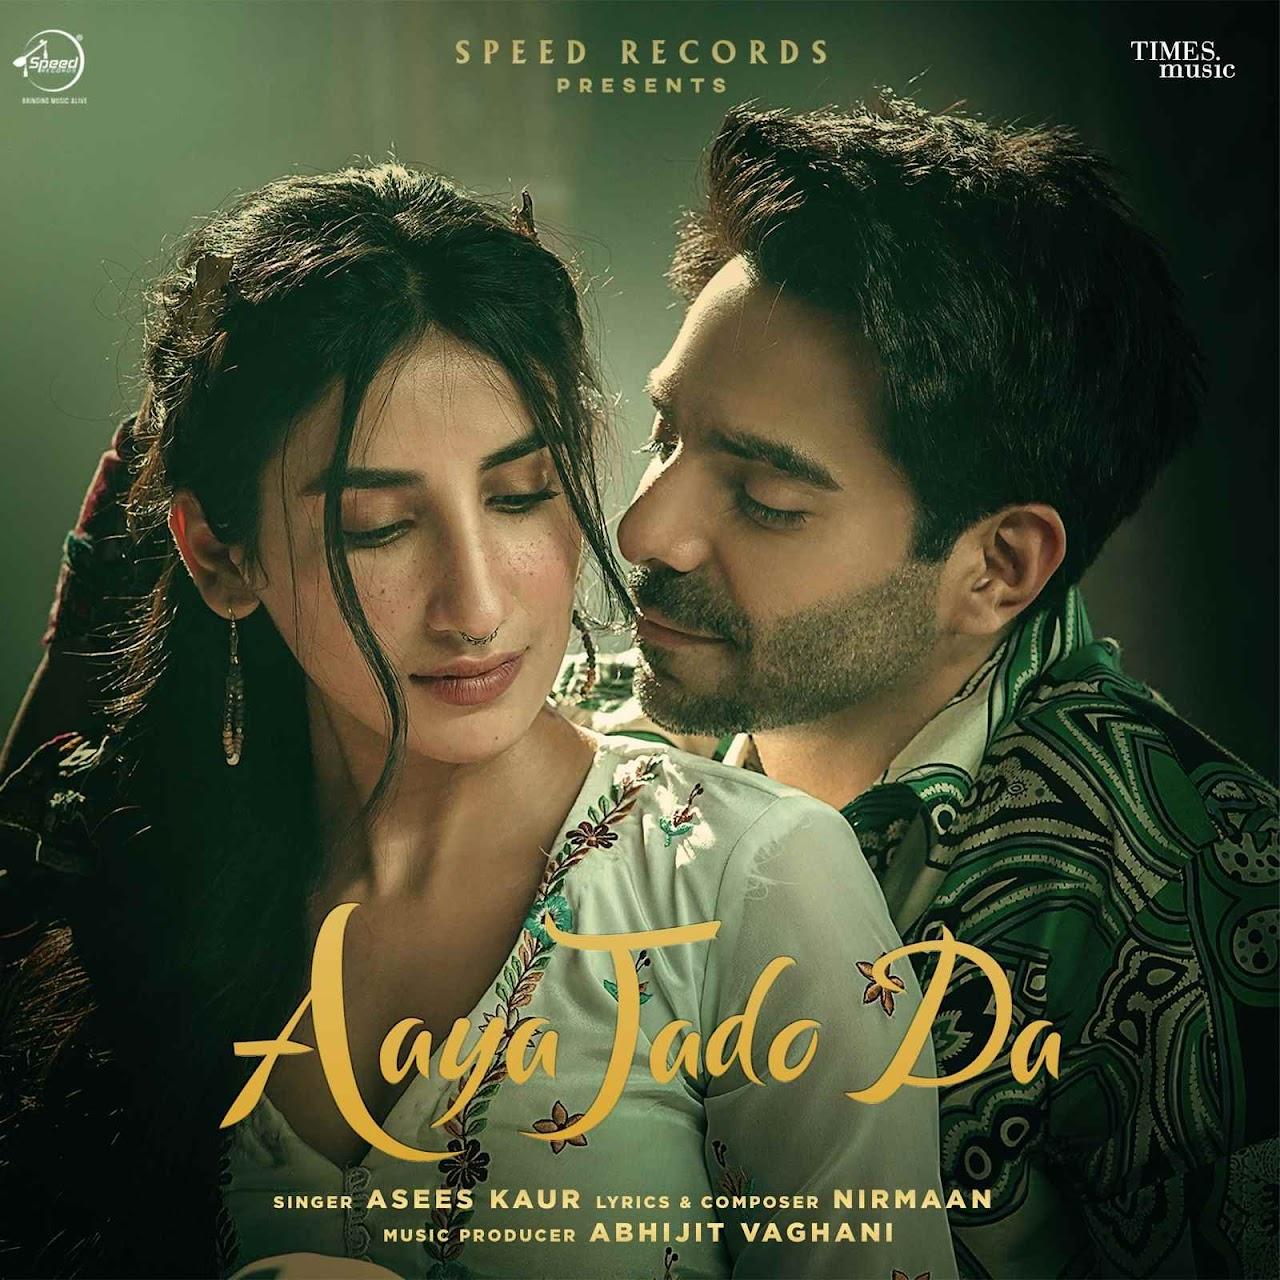 Aaya Jado Da Lyrics In English